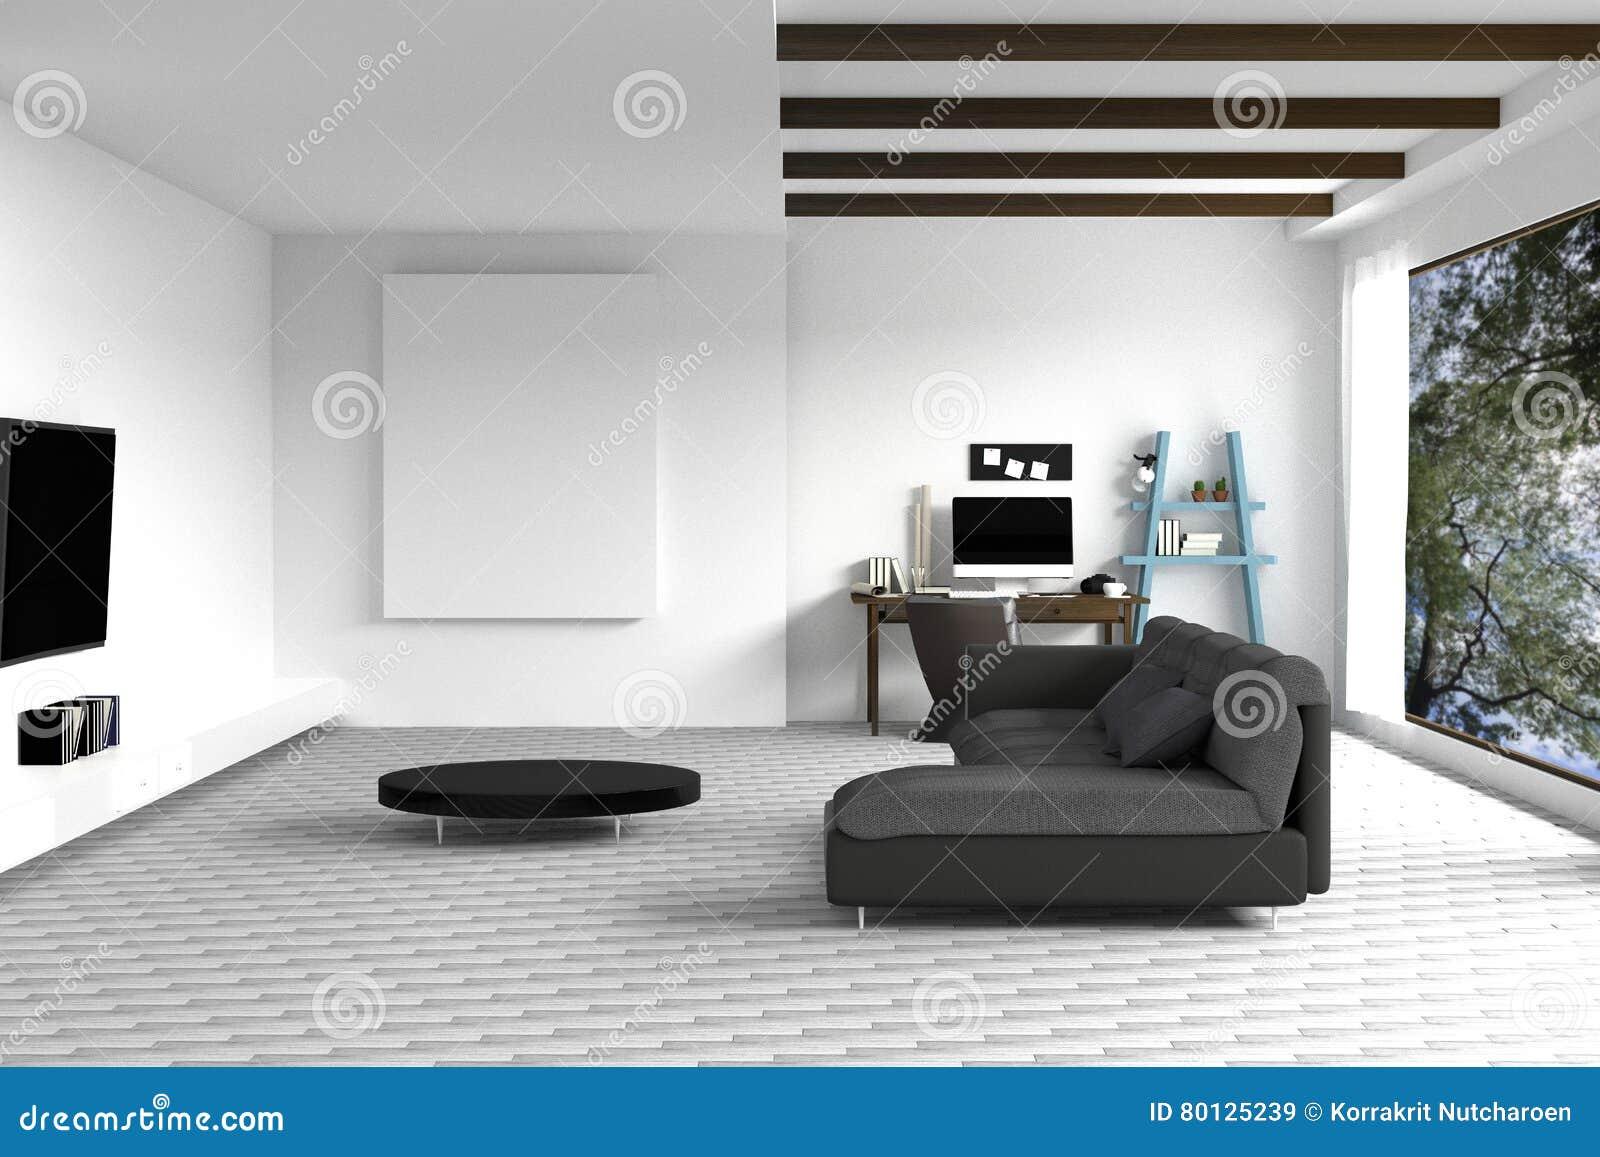 https://thumbs.dreamstime.com/z/het-d-teruggeven-illustratie-van-wit-woonkamer-binnenlands-ontwerp-met-donkere-bank-lege-omlijstingen-planken-en-witte-muren-80125239.jpg